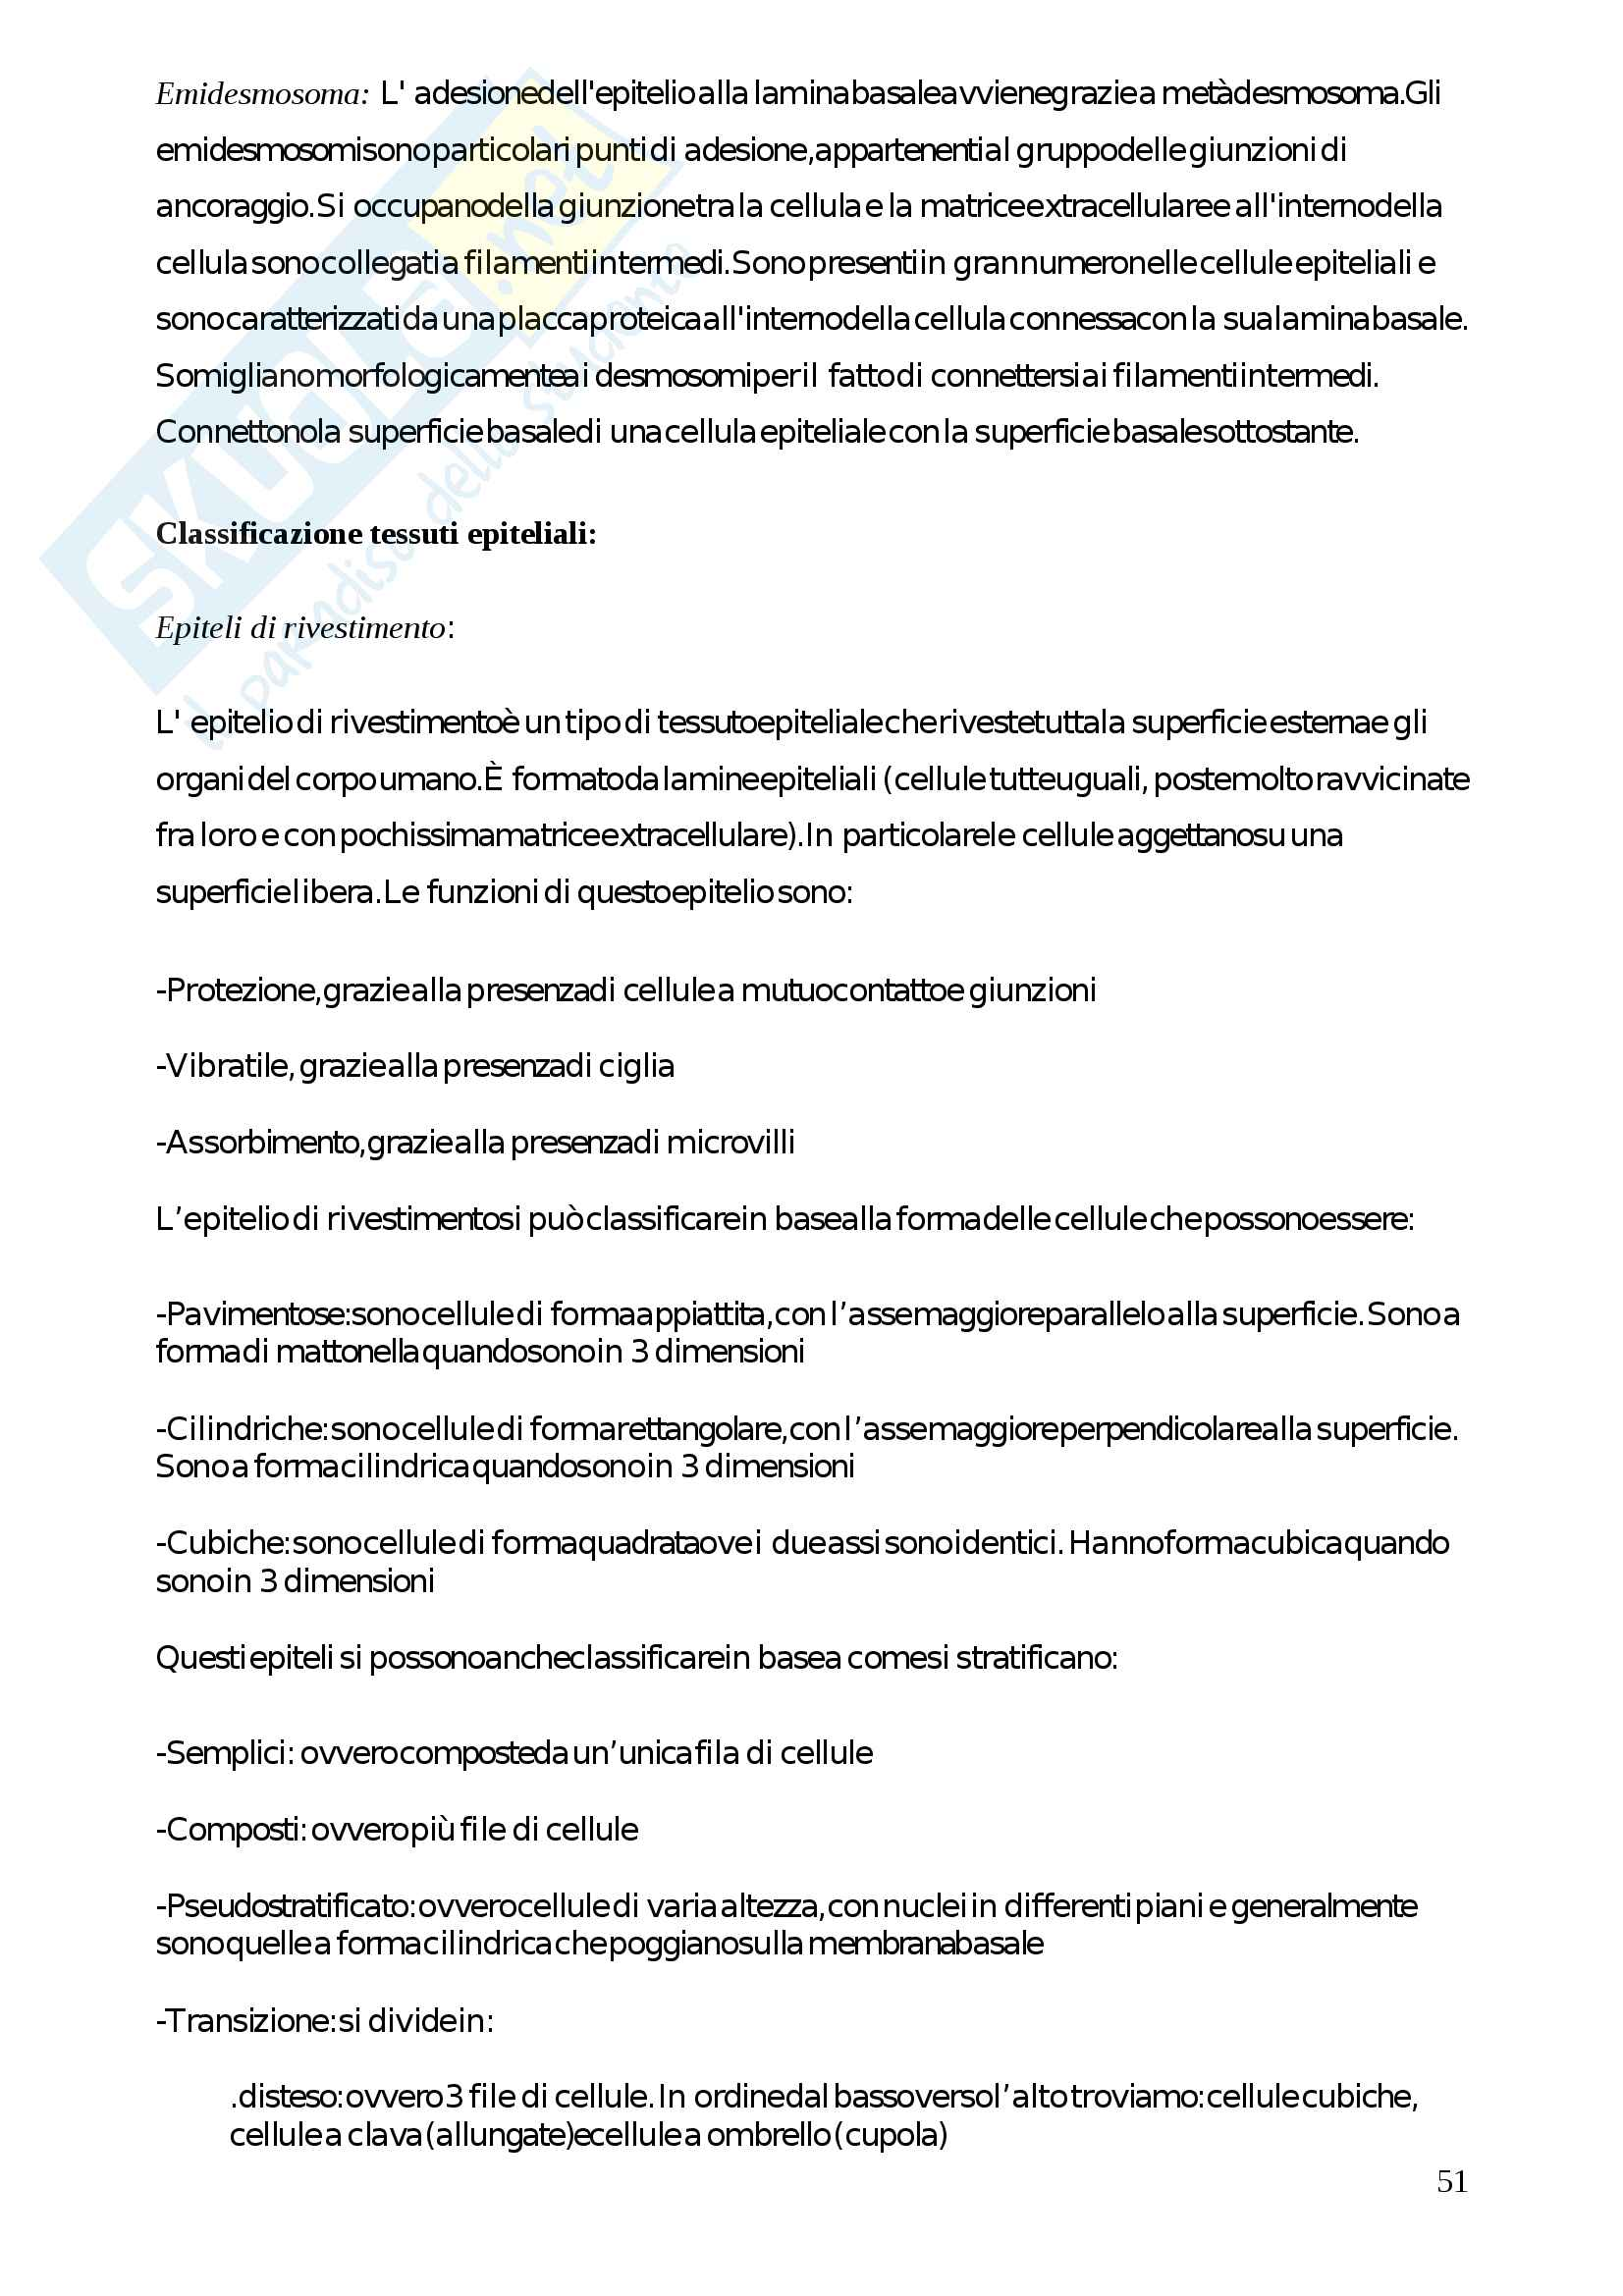 Appunti di Citologia e istologia (prof. Bacci, prof. Vanzi) Pag. 51